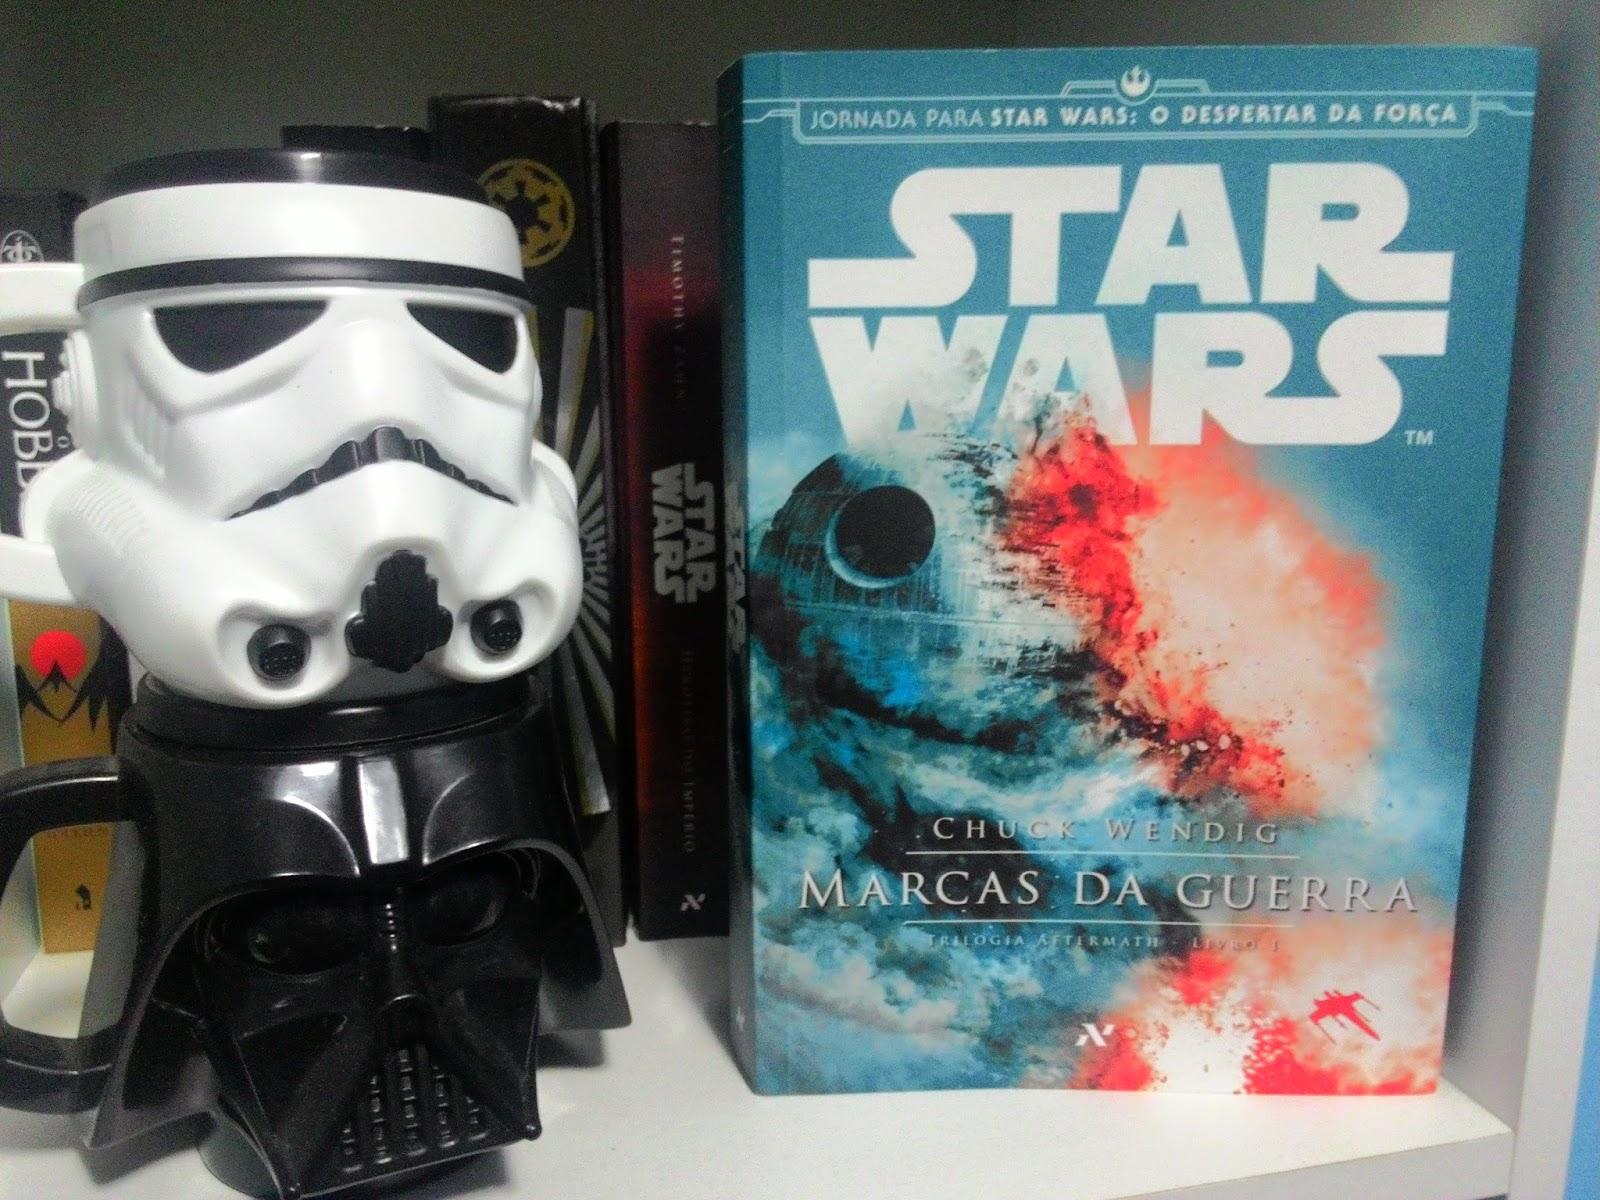 Filme Marcas Da Guerra inside star wars: marcas da guerra, de chuck wendig | inexorável nerd